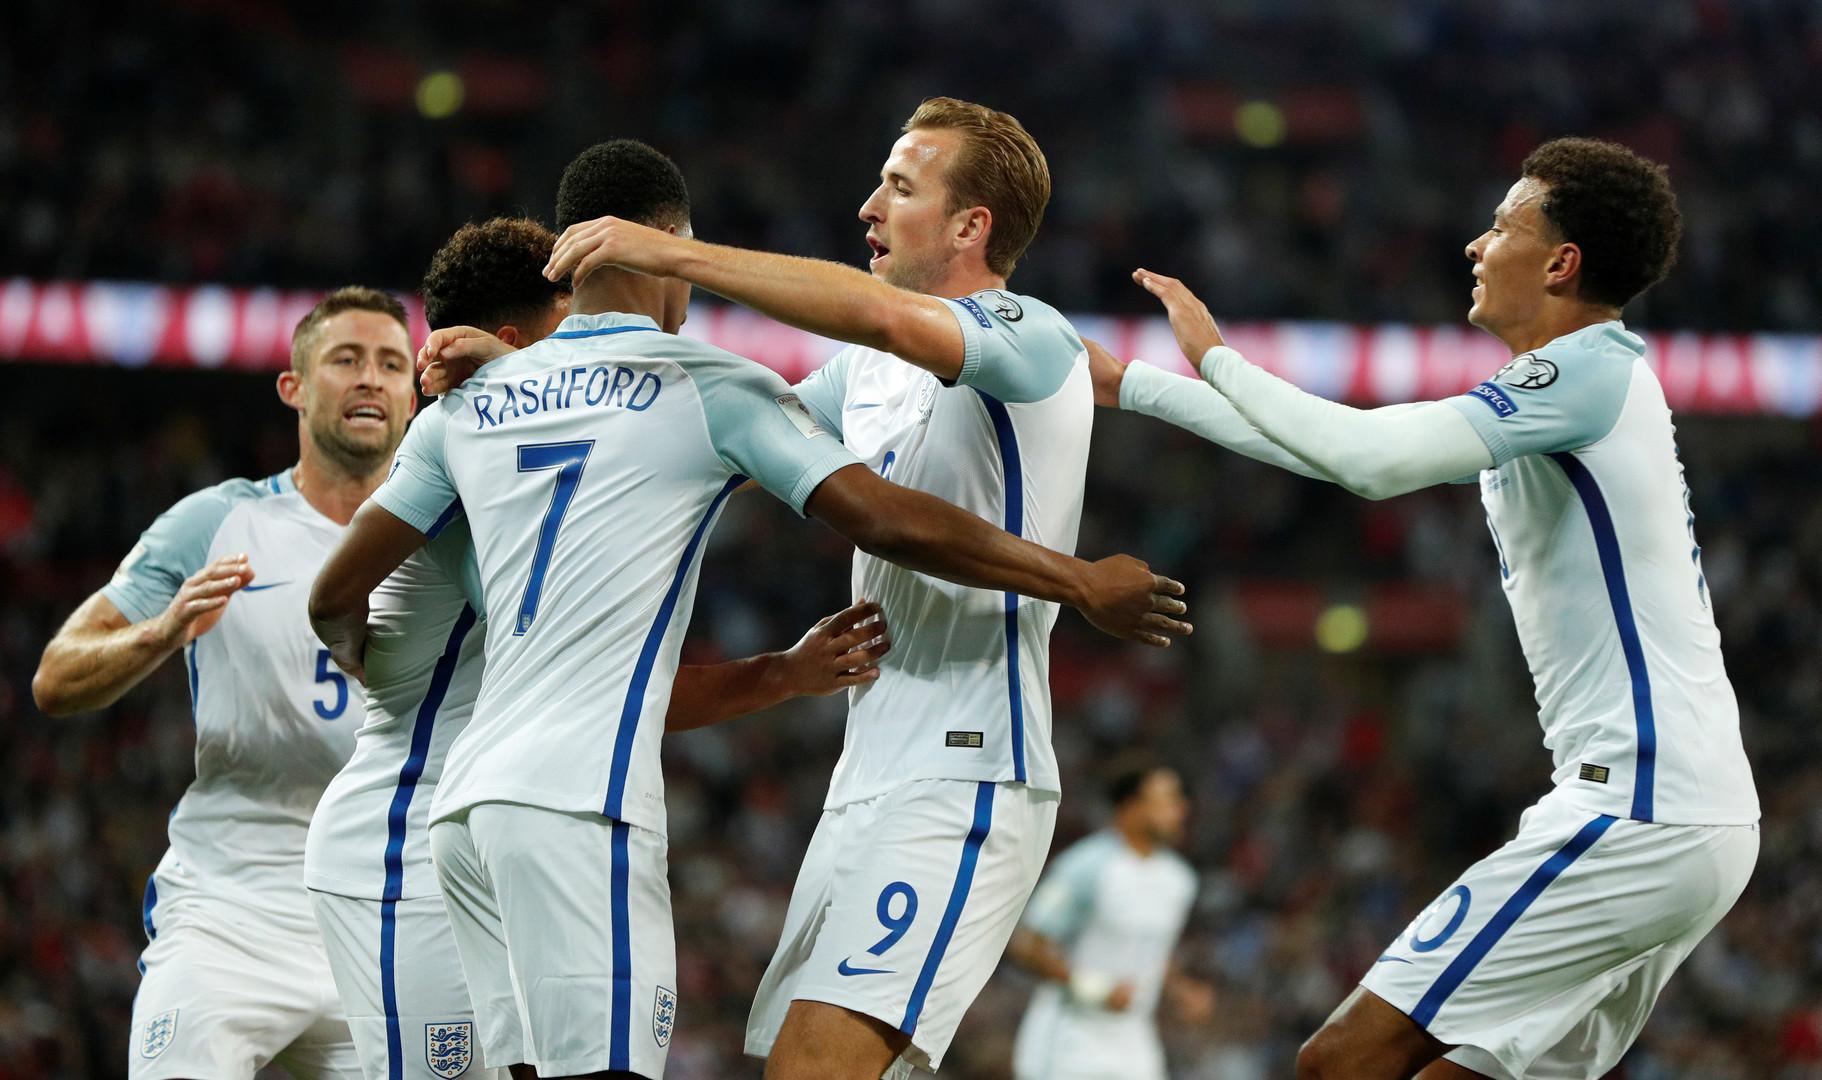 Крупная победа Германии, характер Англии и реабилитация Польши: обзор матчей квалификации ЧМ-2018